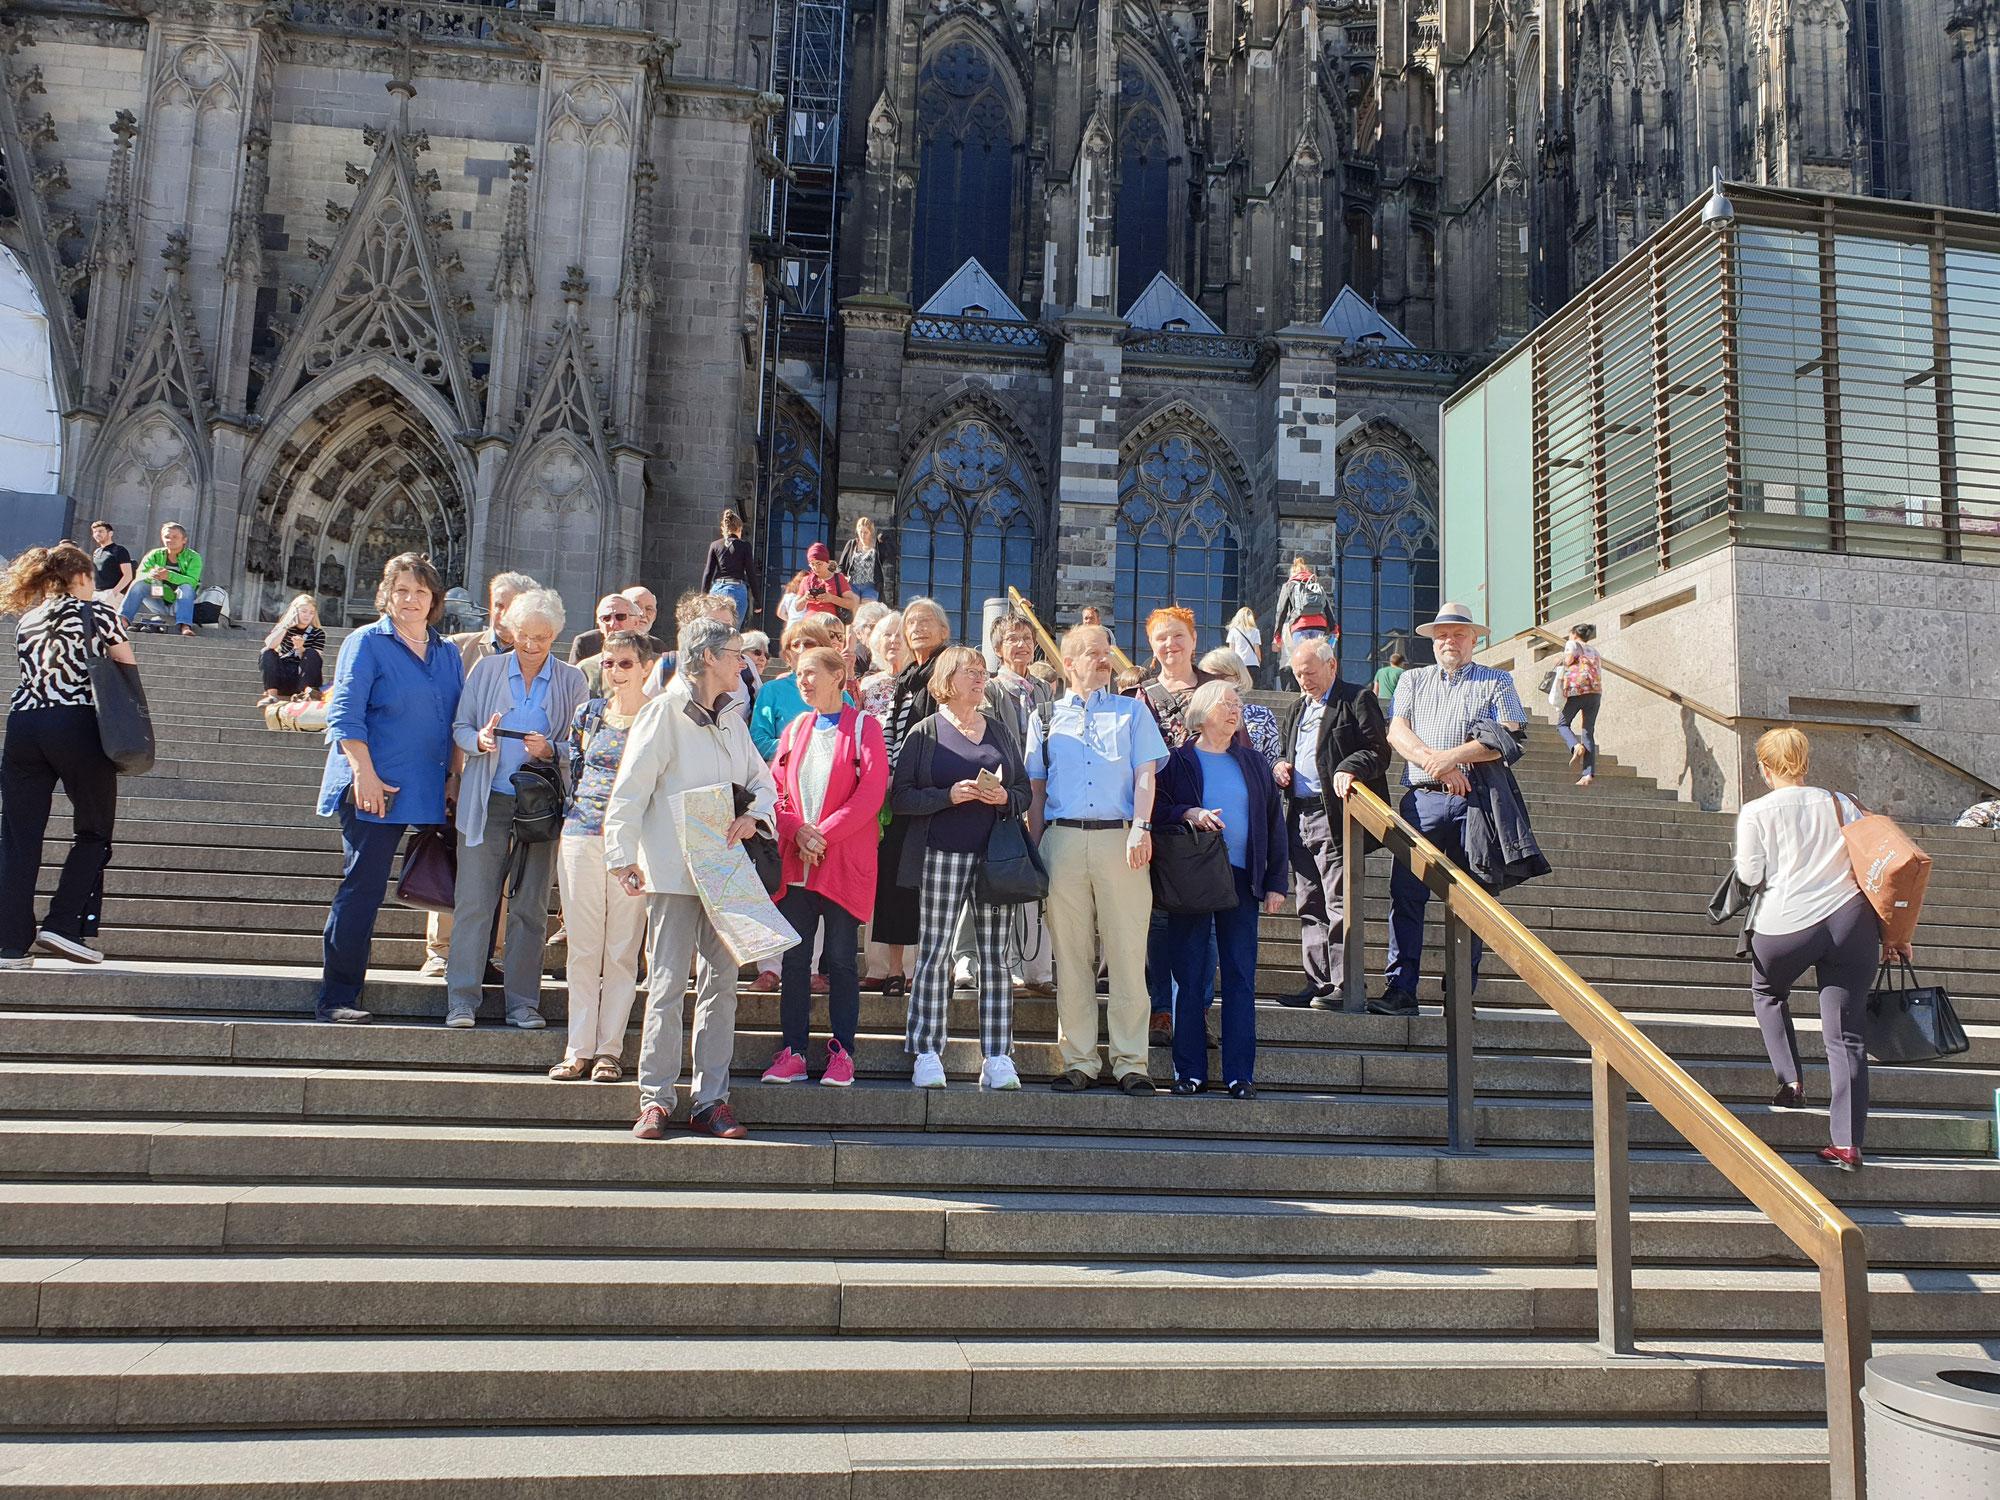 Ökumenische Begegnung im Rahmen des Bonn-Oxford link of Churches